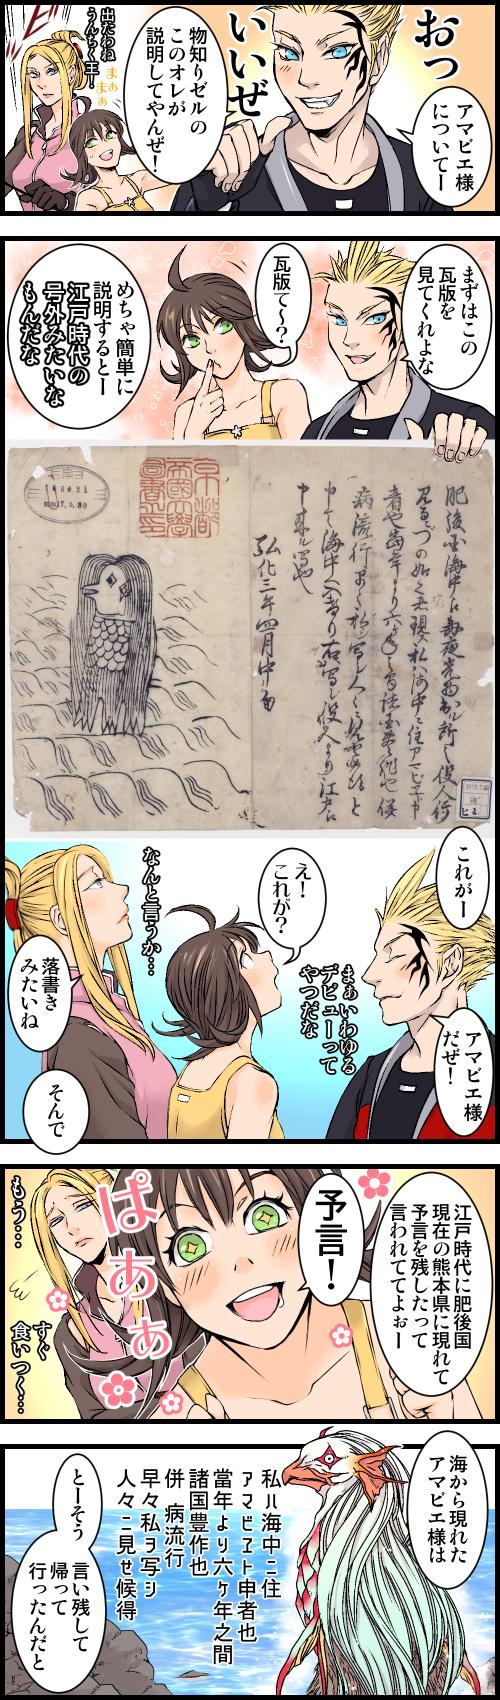 アマビエ様記事中漫画1